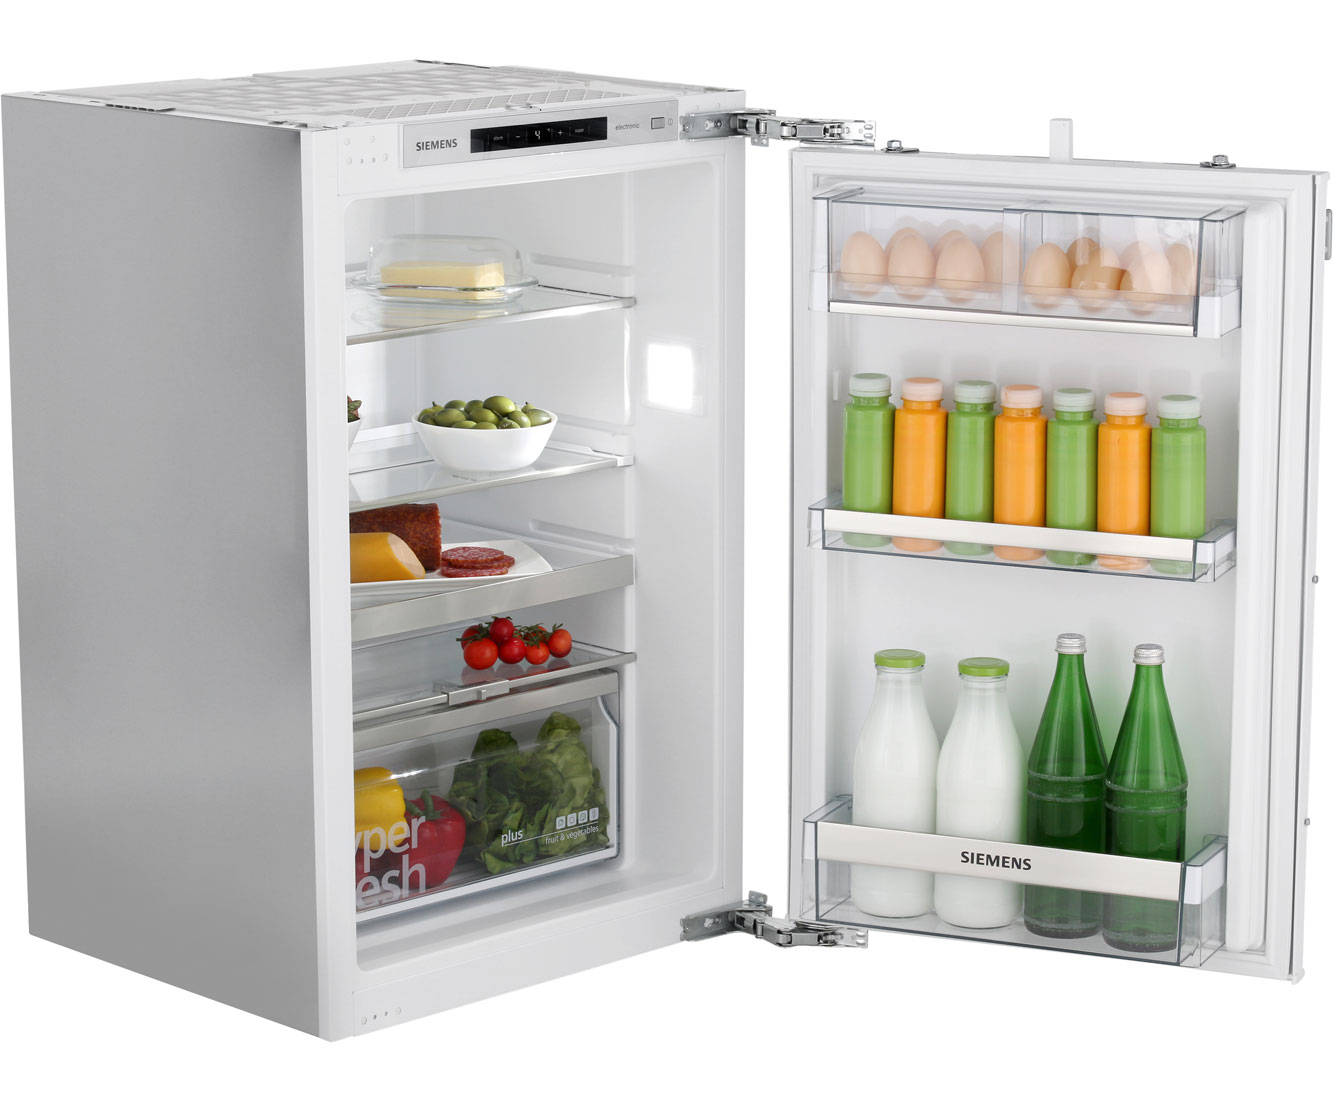 Siemens Kühlschrank Nach Transport Stehen Lassen : Siemens ki rad kühlschrank eingebaut cm weiß neu ebay